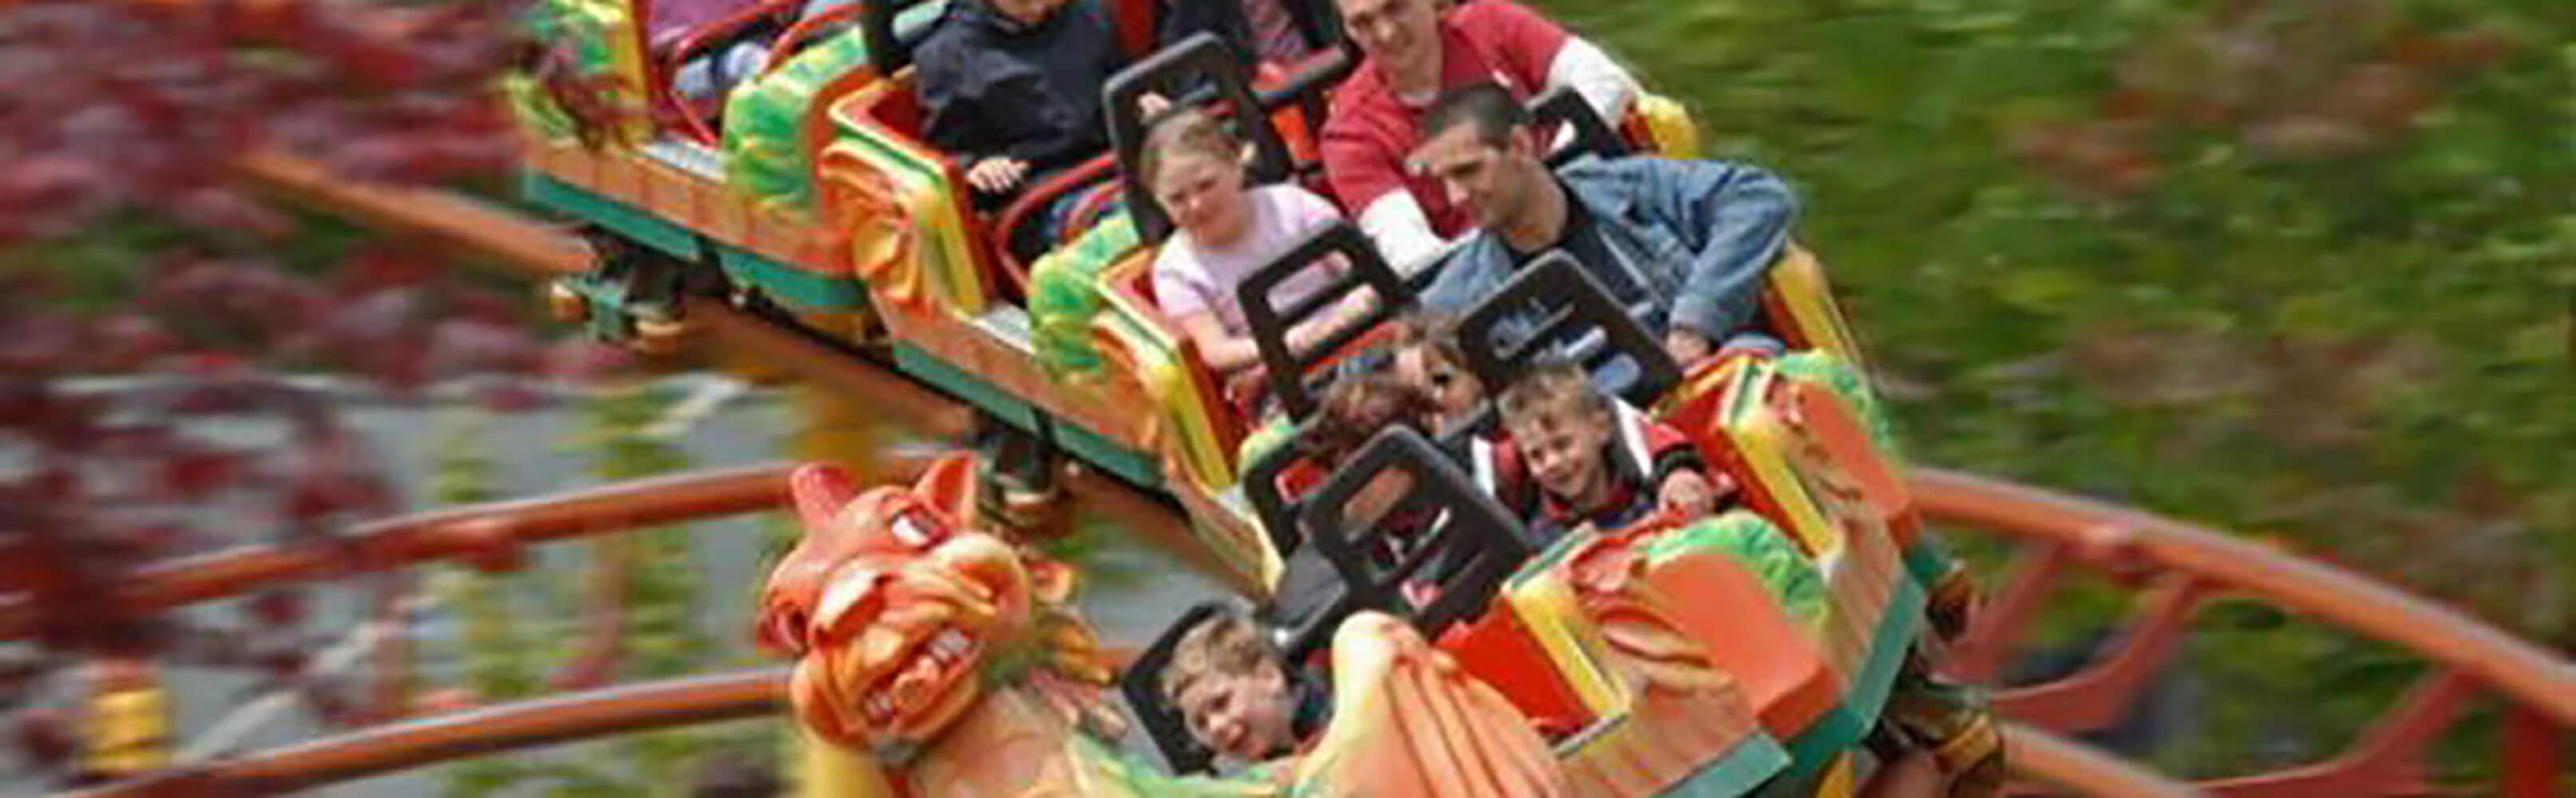 Familien-Freizeitpark Tolk-Schau 1